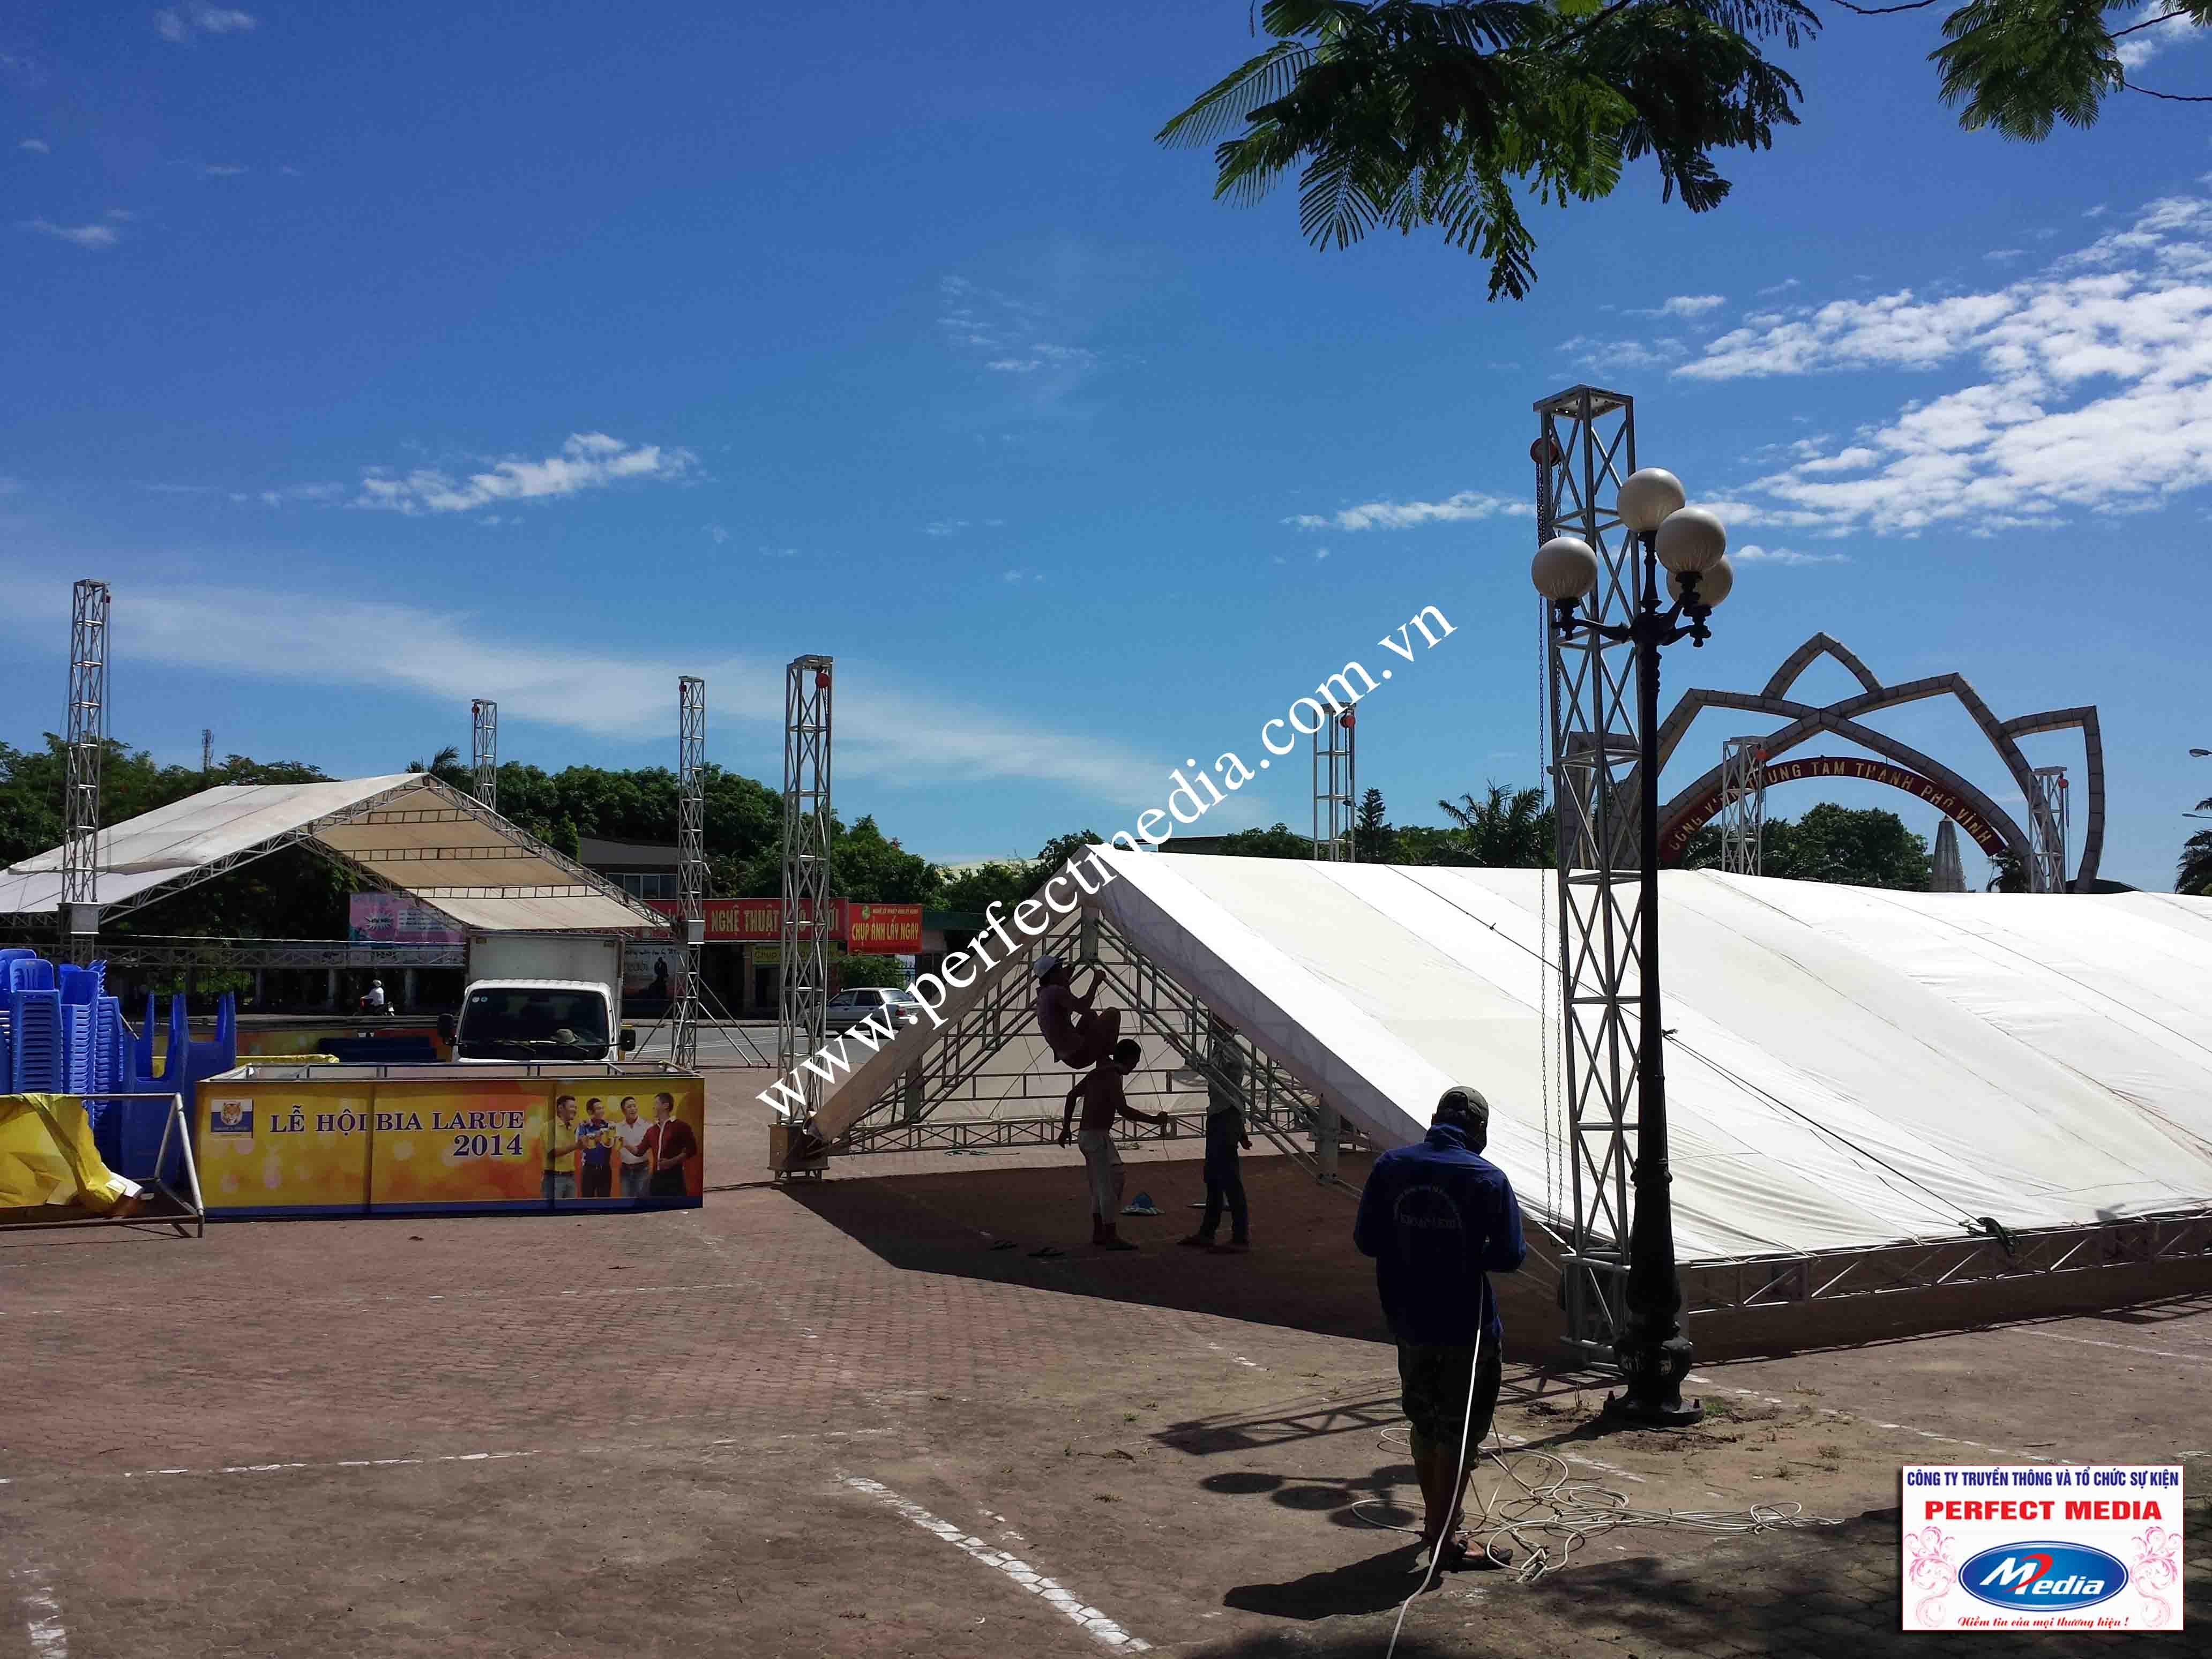 Hình ảnh Perfect Media đã thực hiện Tour Festival Bia Larue 04